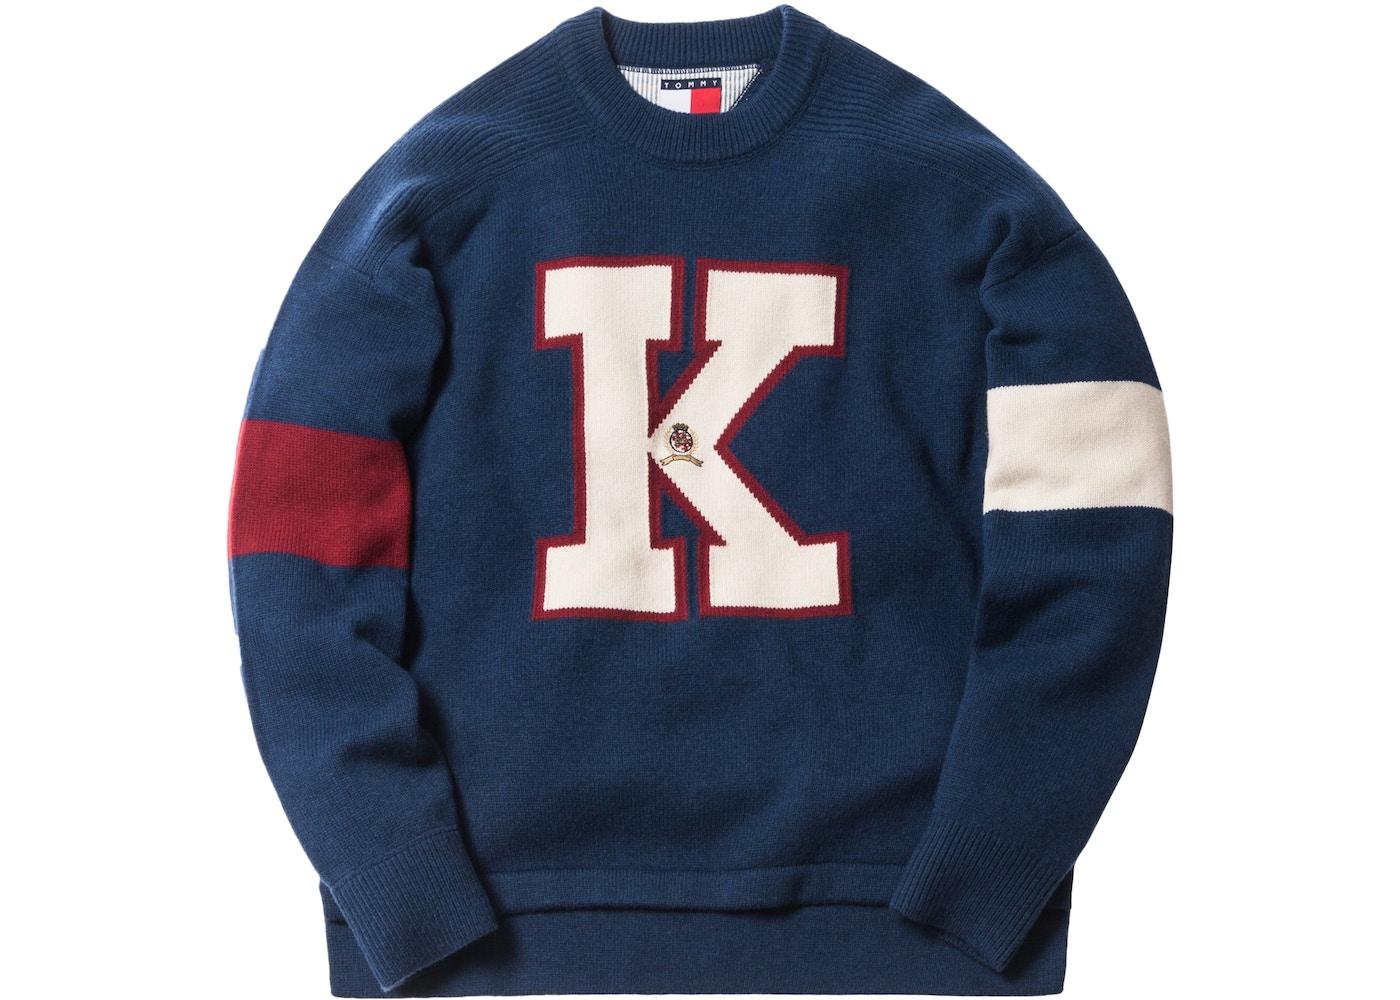 949f5ef954 Kith Tops Sweatshirts - Buy   Sell Streetwear